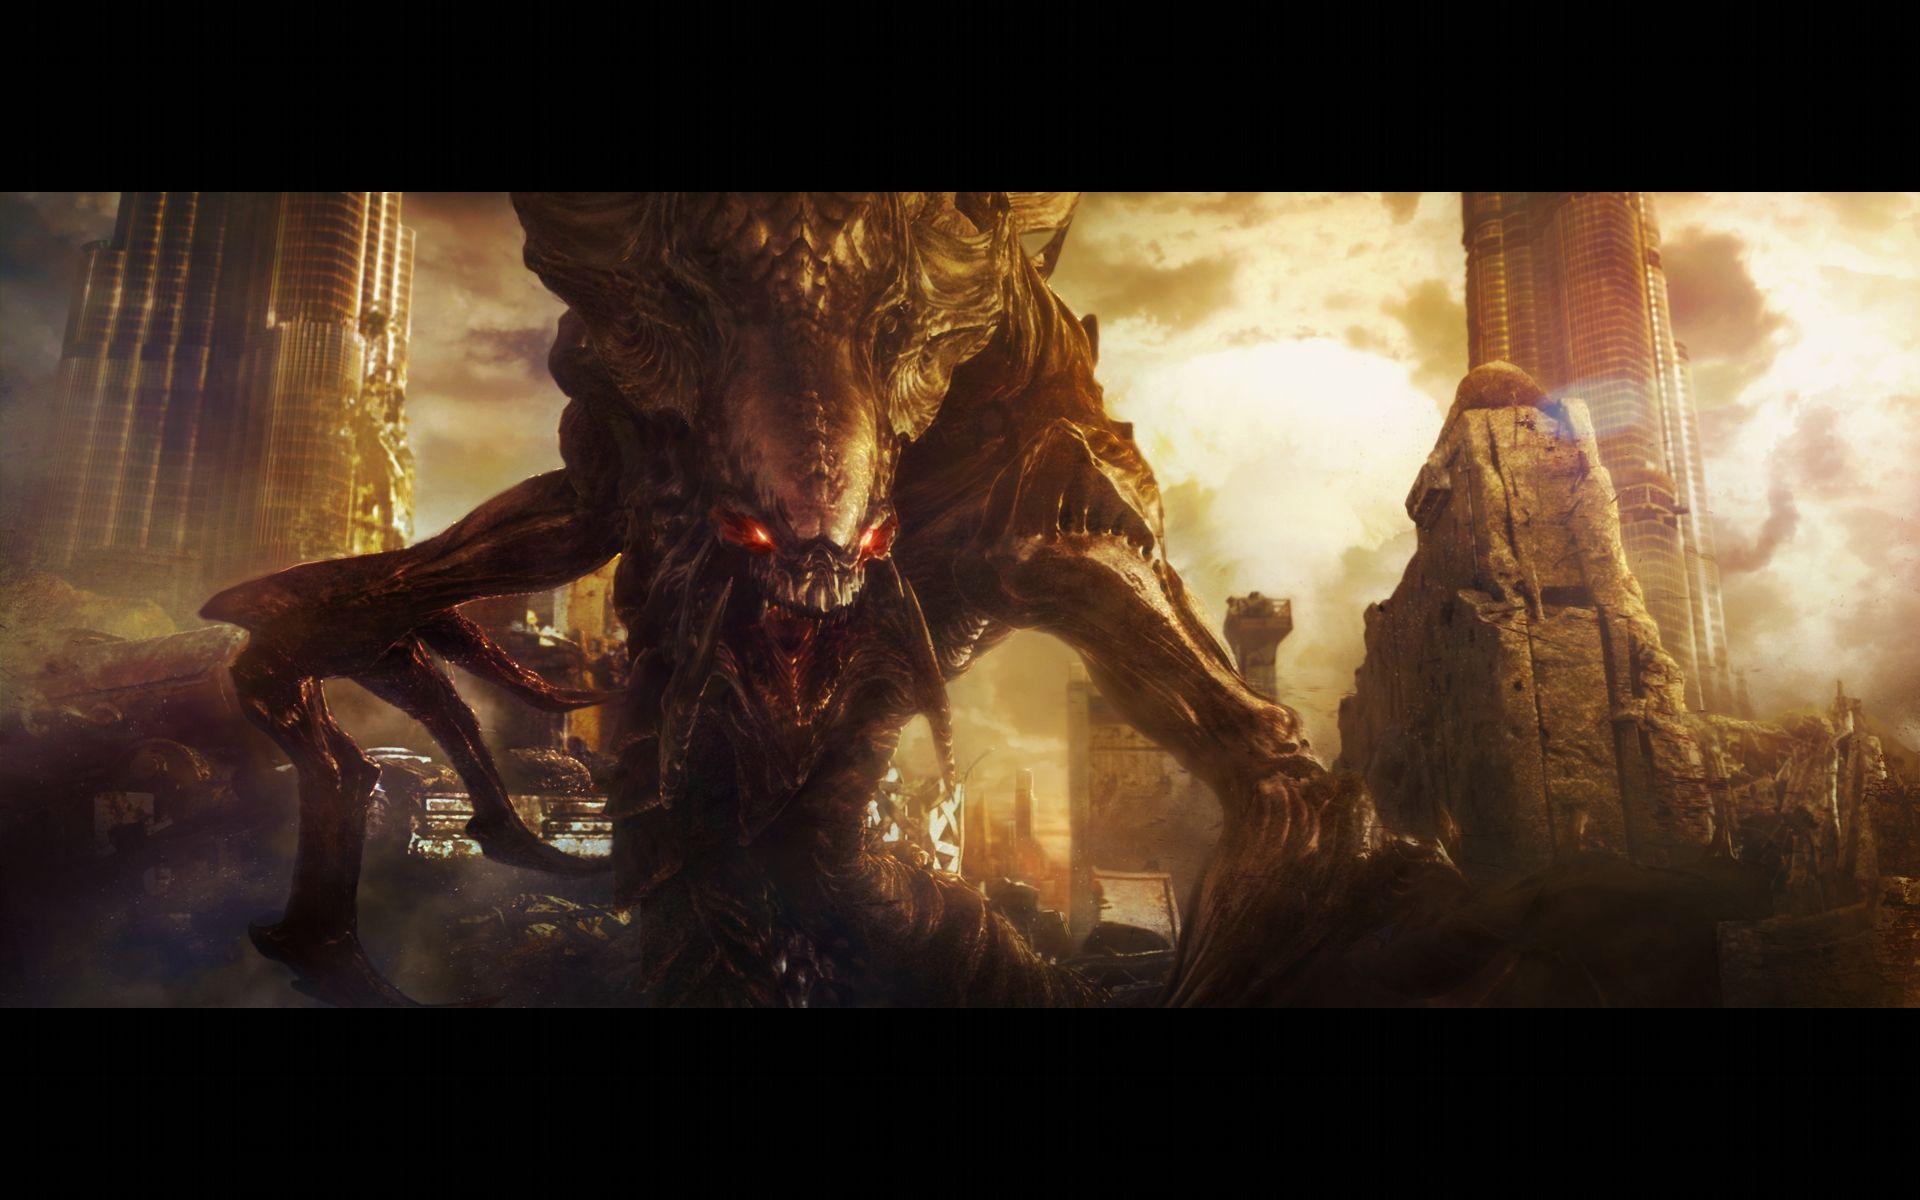 【星际争霸2】打粪坑!超硬核zvp后期详解,柳丁老师教你打黄金舰队,好哥哥达蒙教学系列。